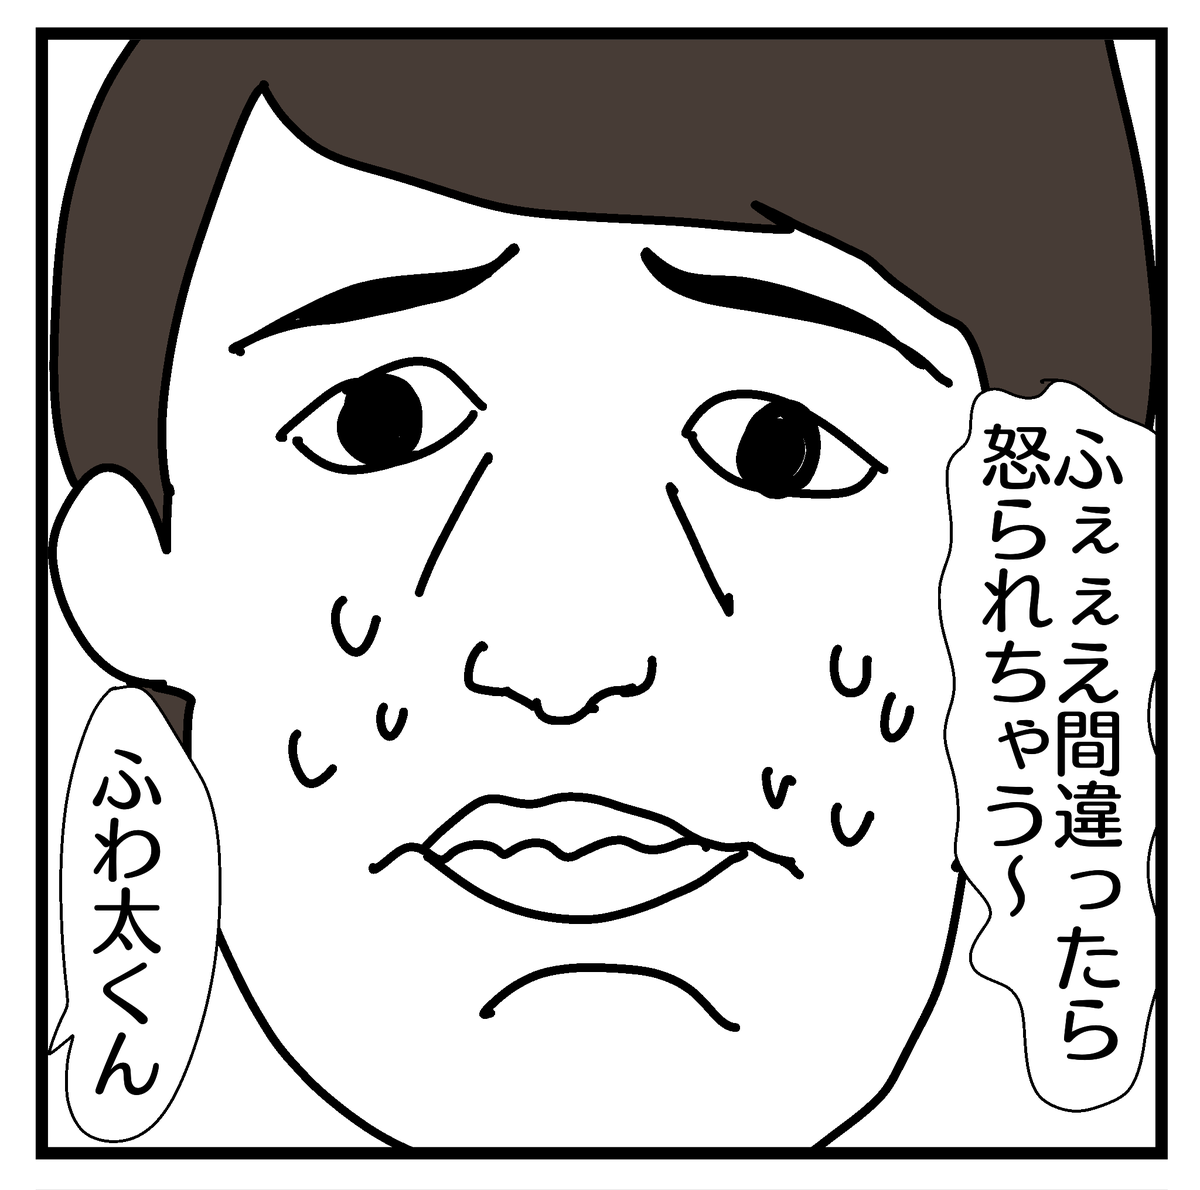 f:id:YuruFuwaTa:20200629150603p:plain